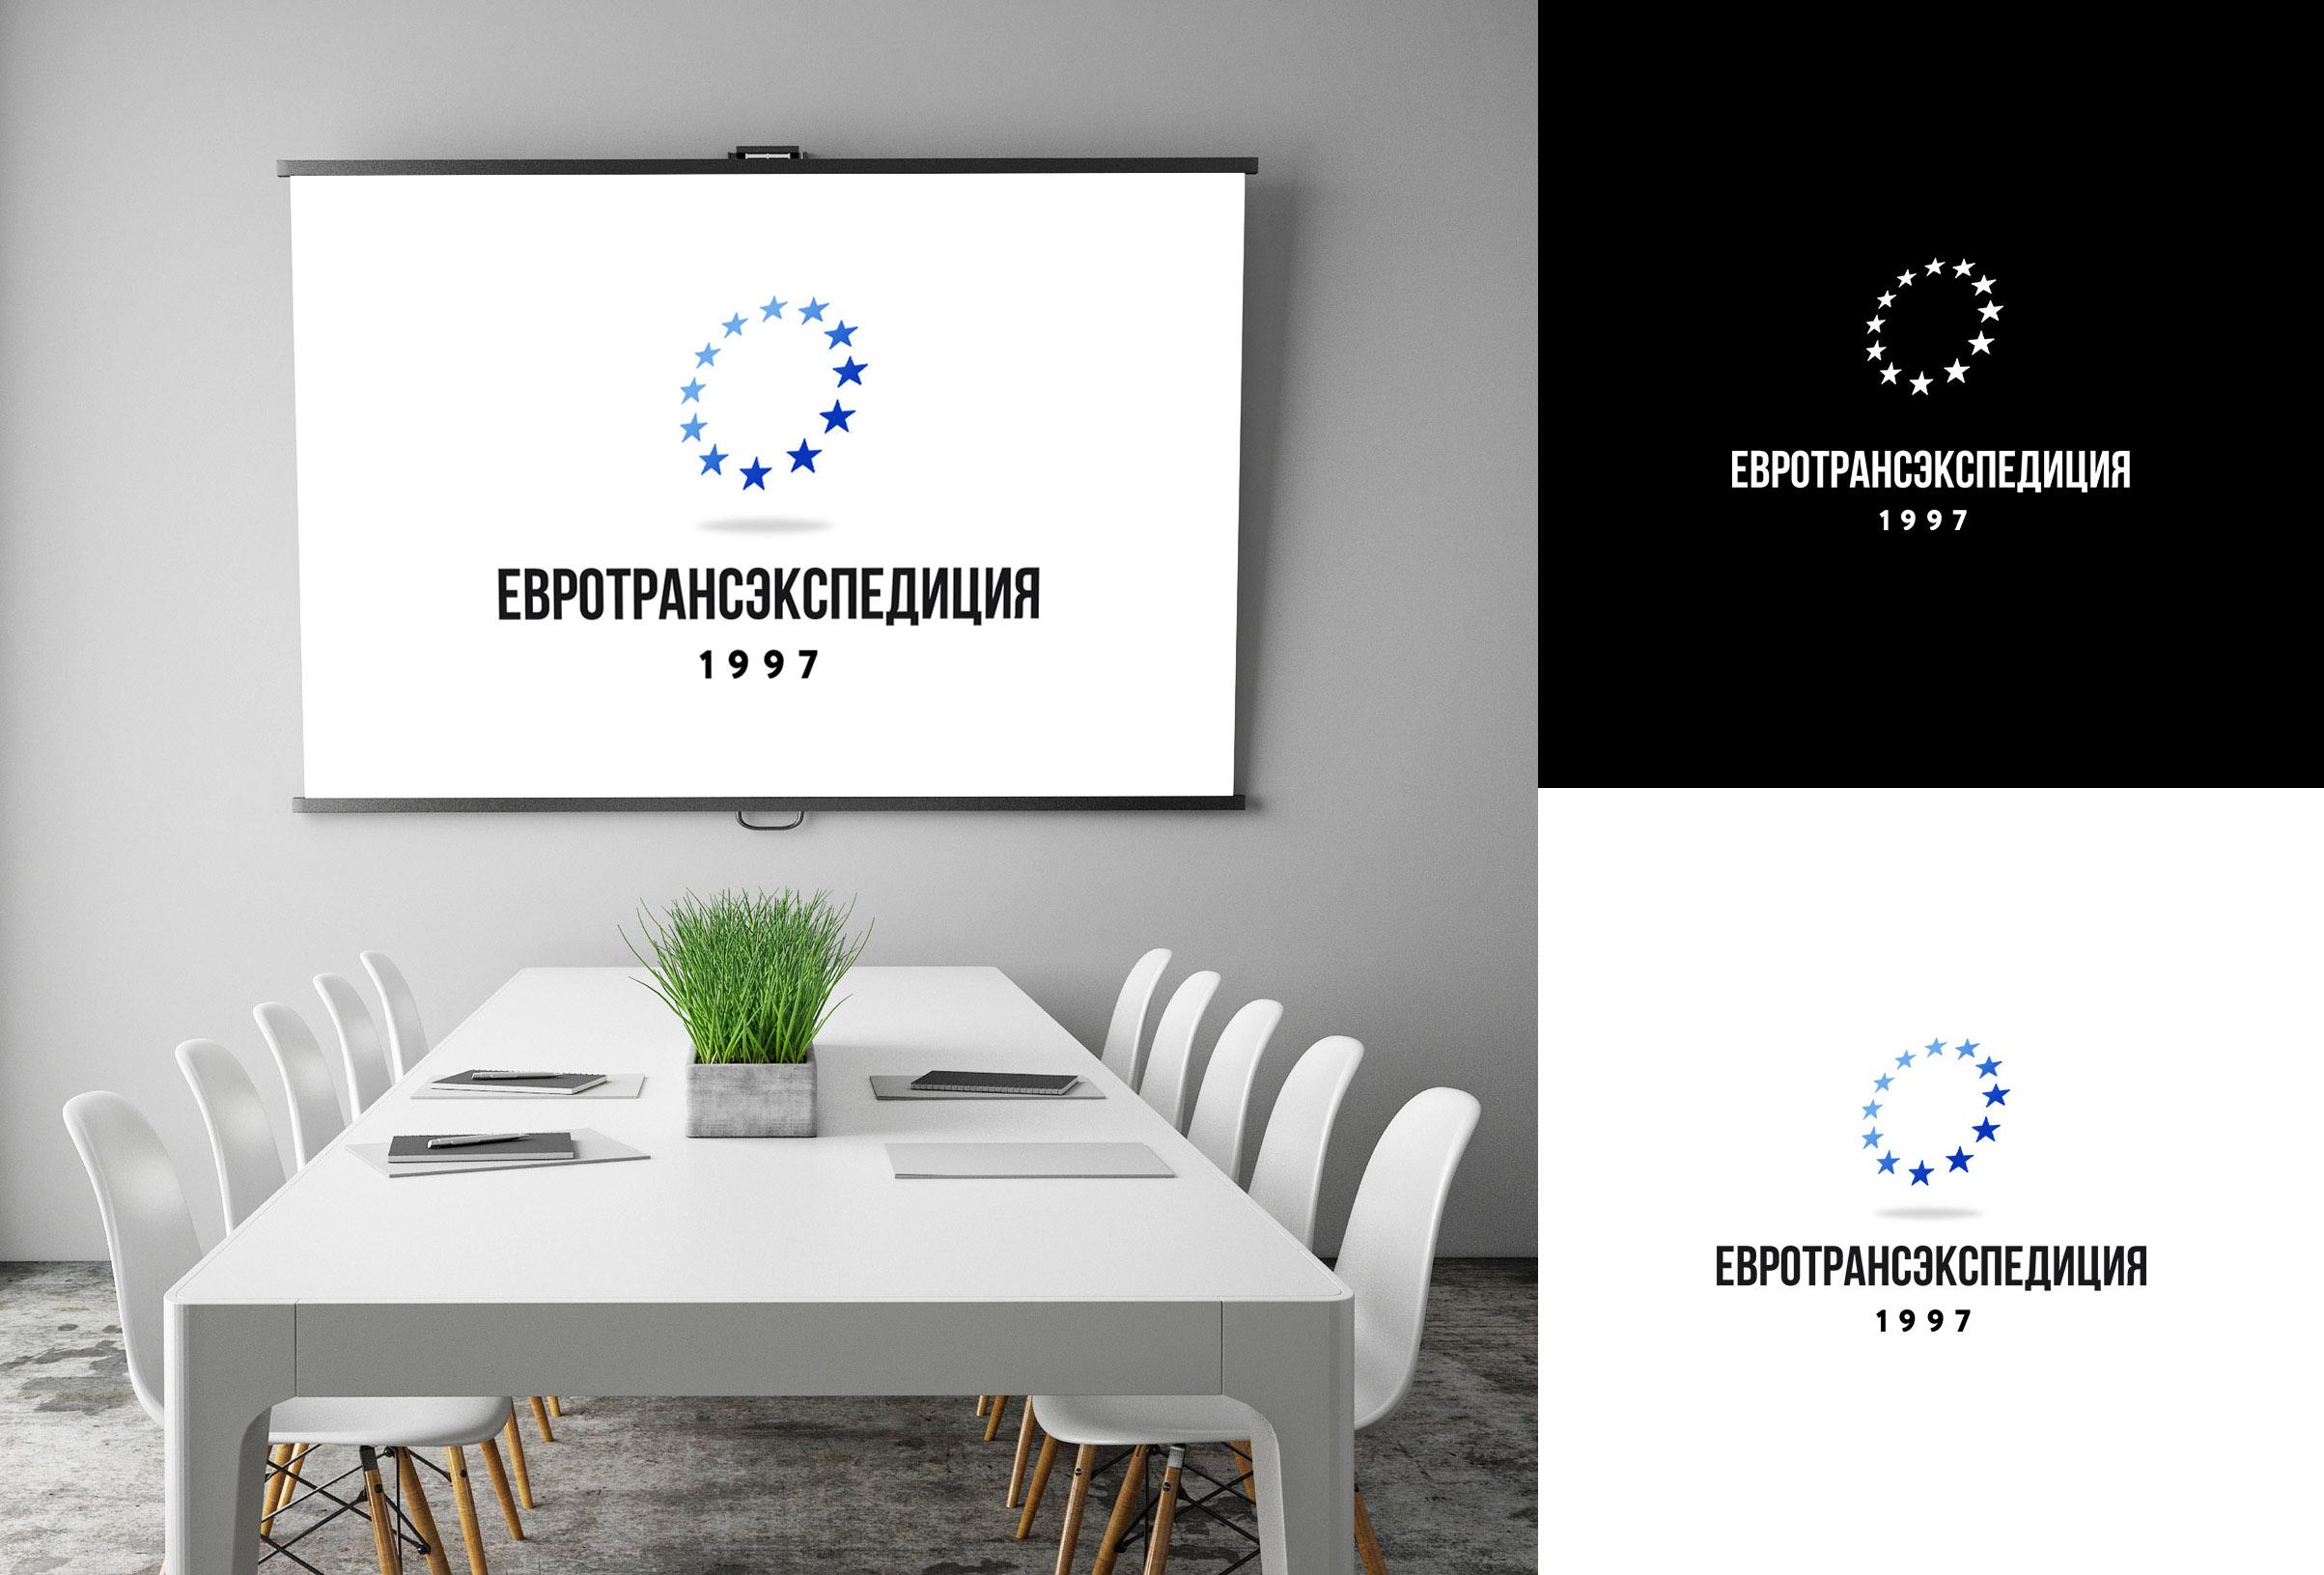 Предложите эволюцию логотипа экспедиторской компании  фото f_3545900ffa0e87ff.jpg